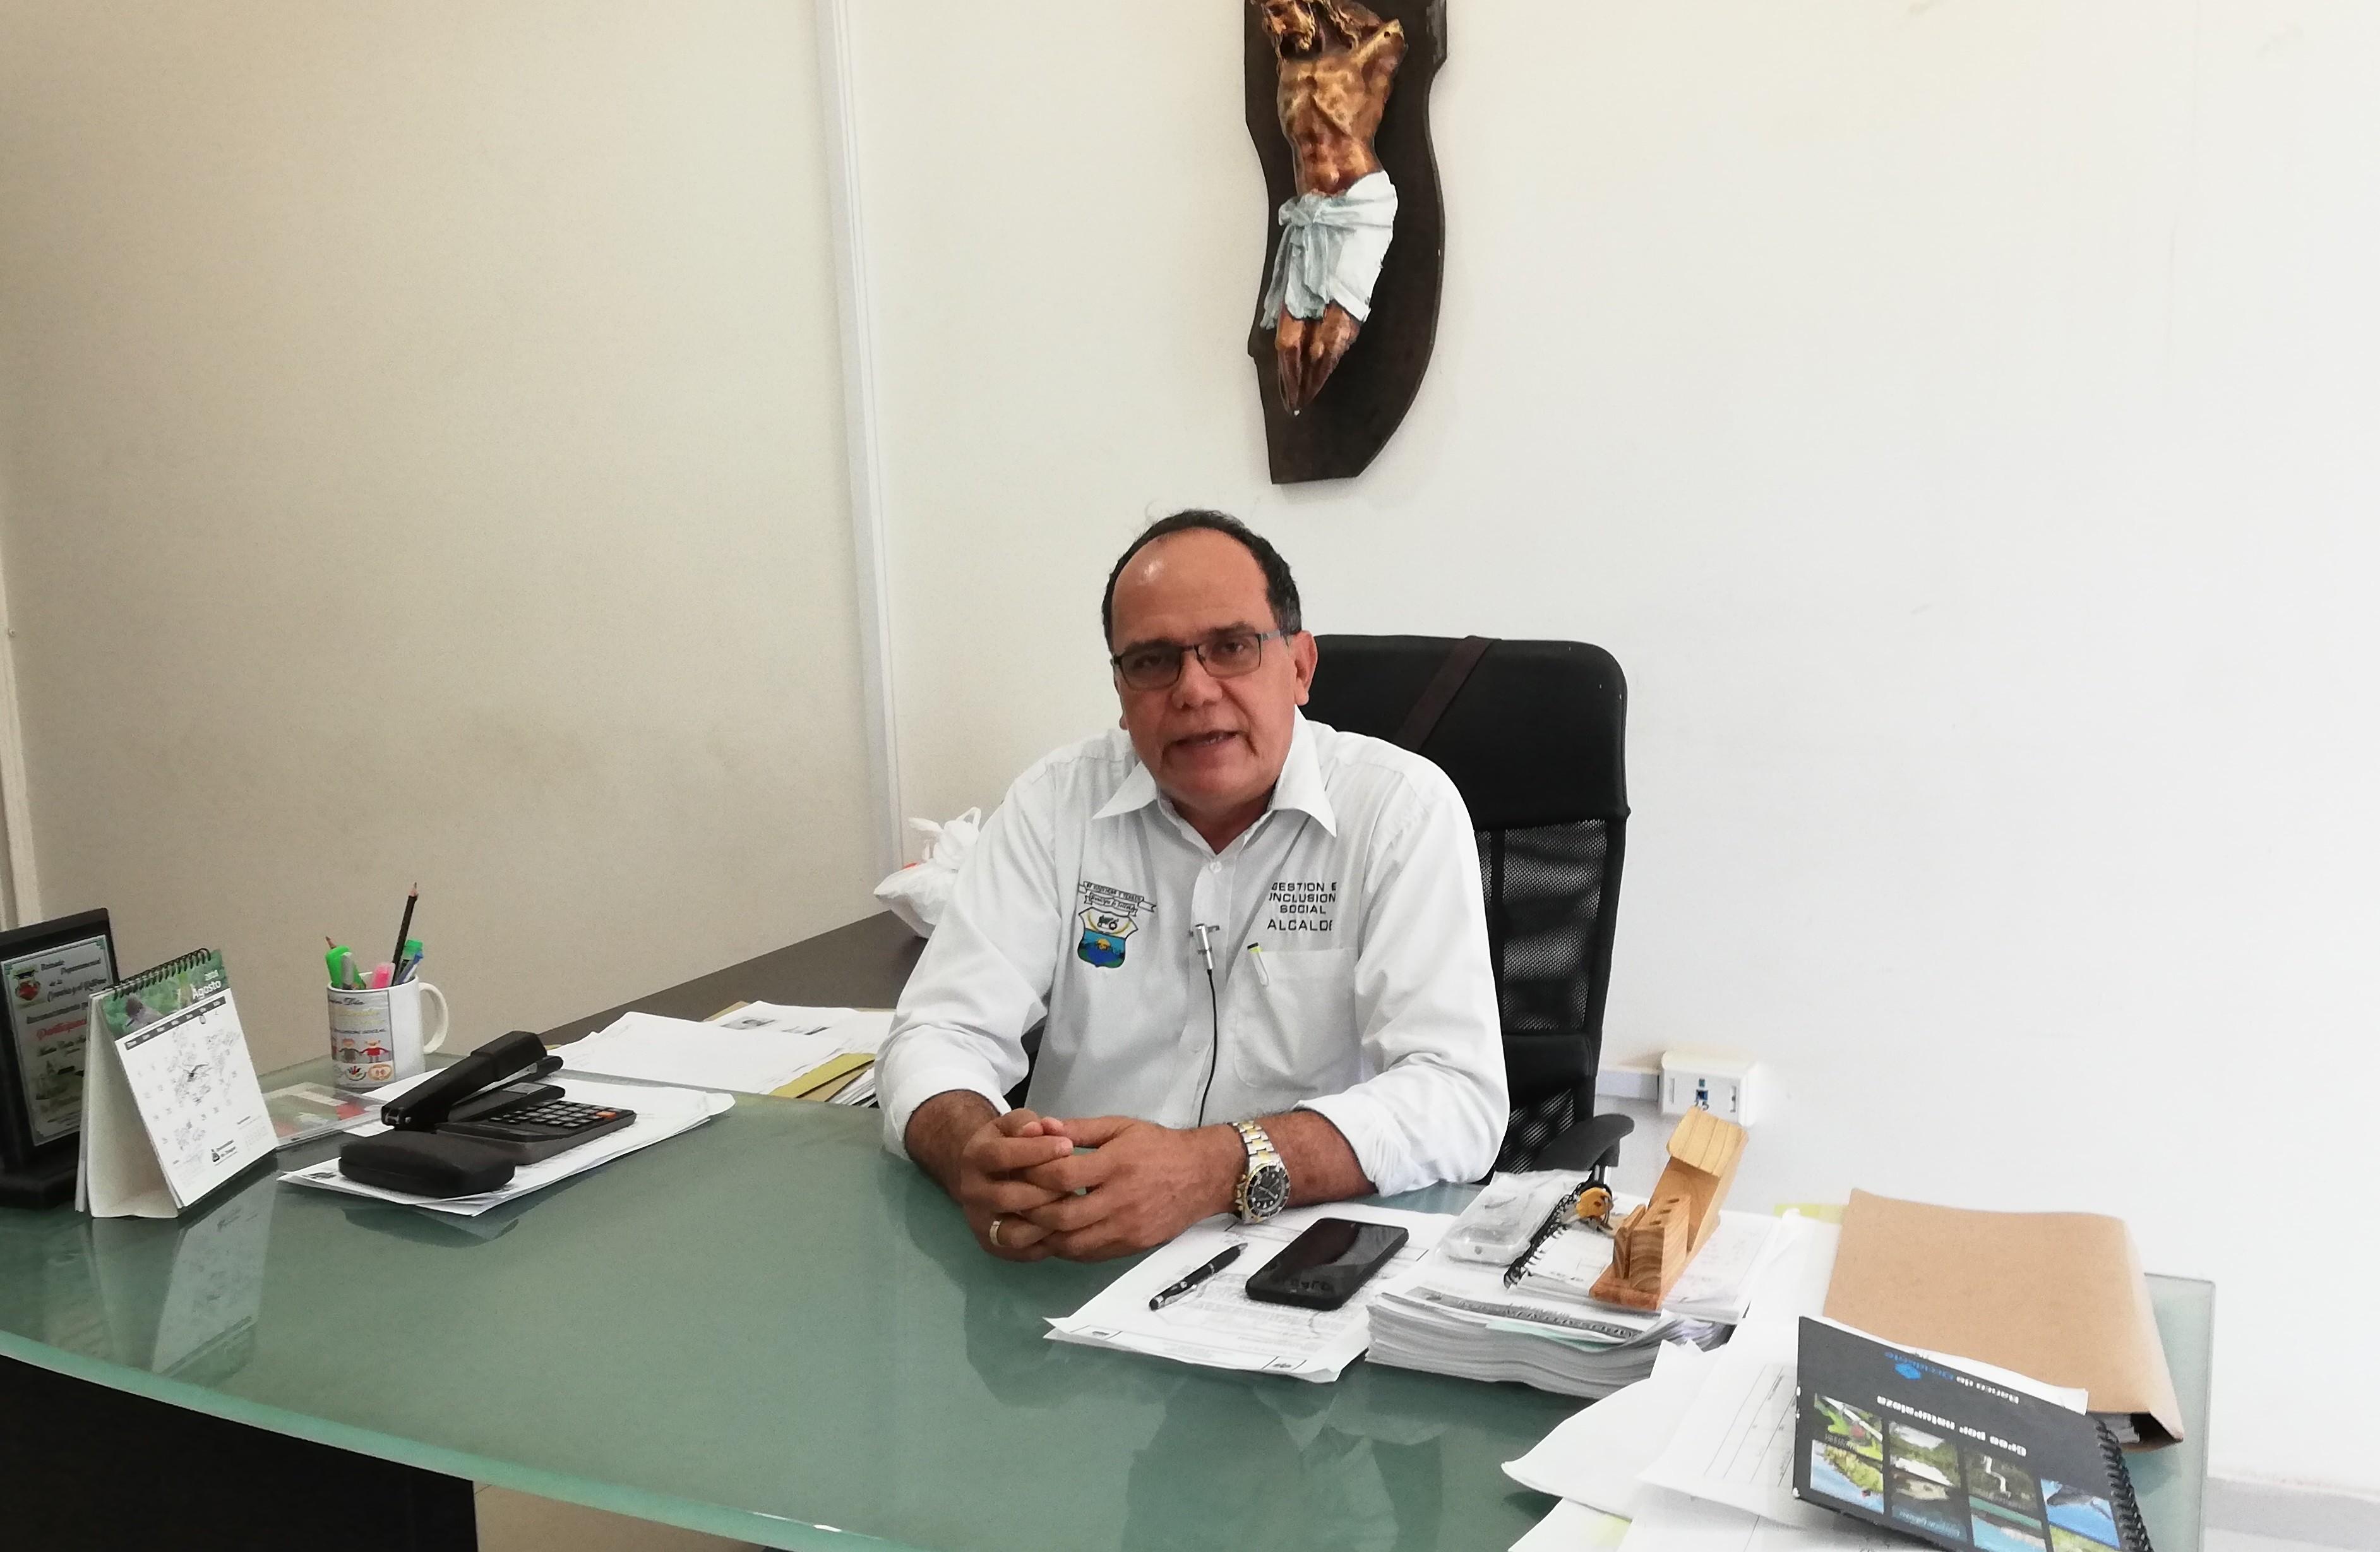 Con mentiras y anónimos atacan al alcalde de Saldaña